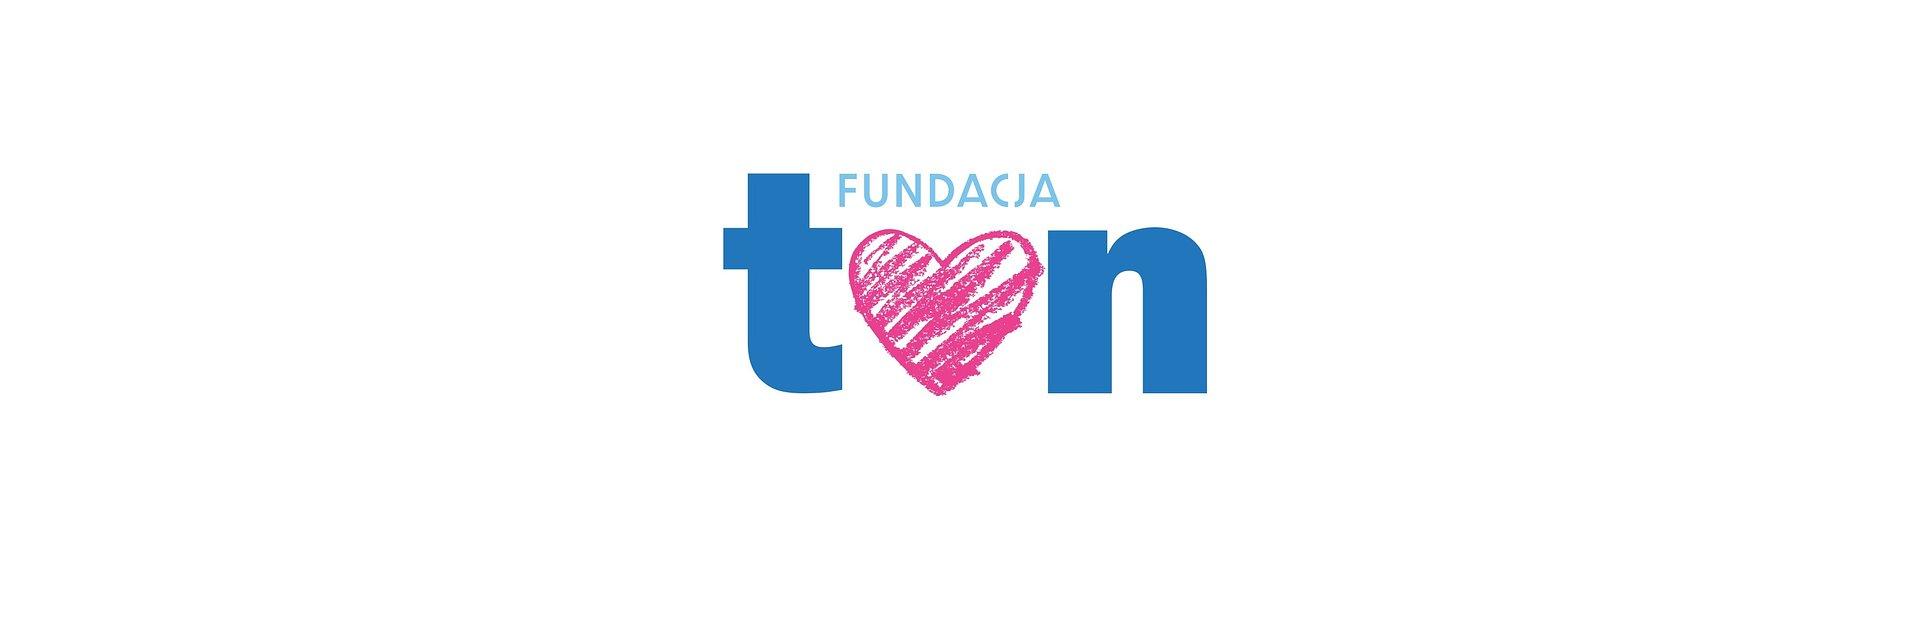 Fundacja TVN zbuduje na 20-lecie Centrum Psychiatrii Dzieci i Młodzieży. Startuje akcja #zdrowiewgłowie.